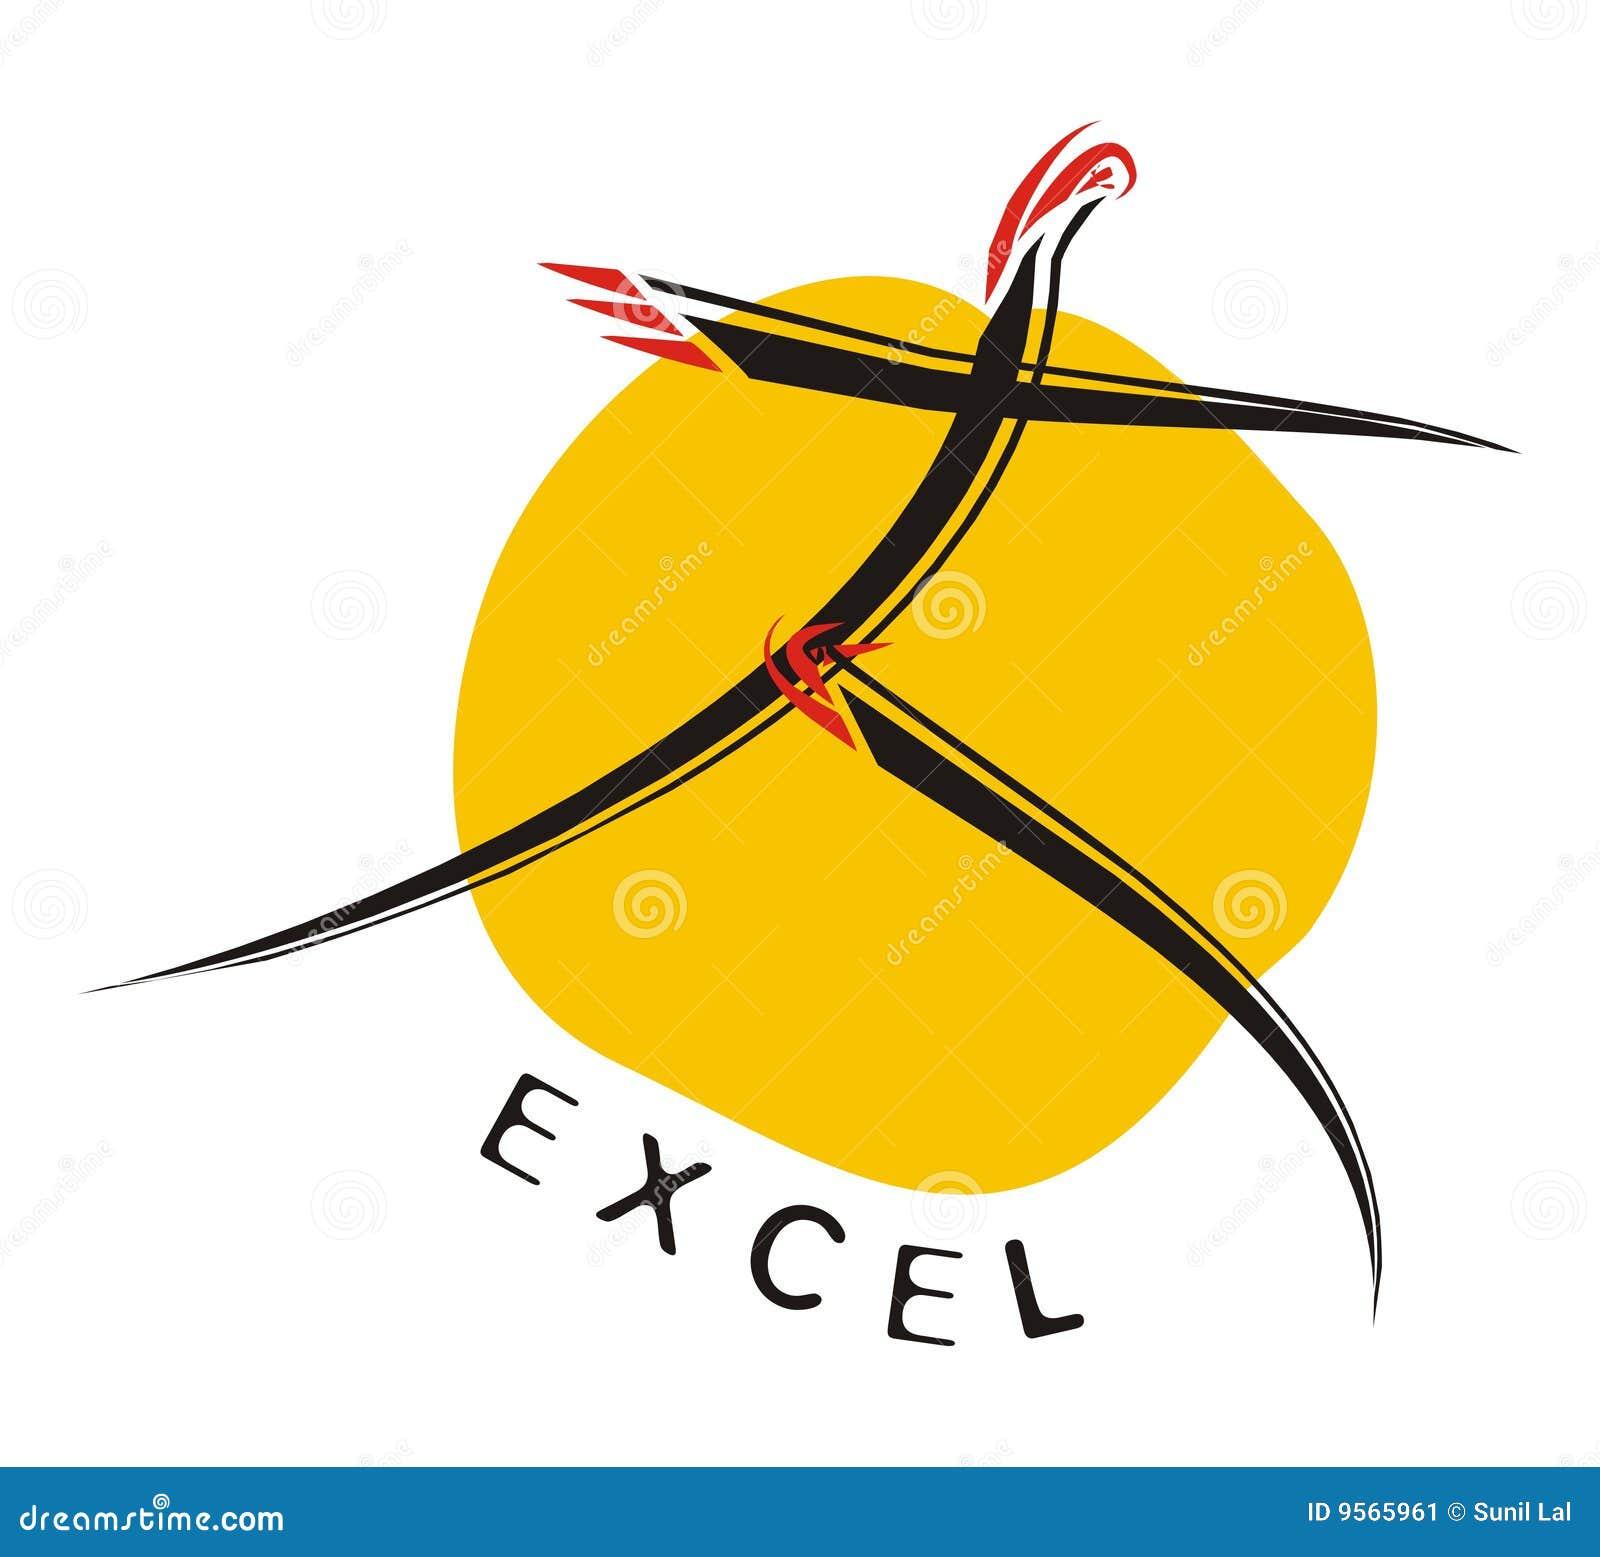 Logotipo-Excelência inspirador